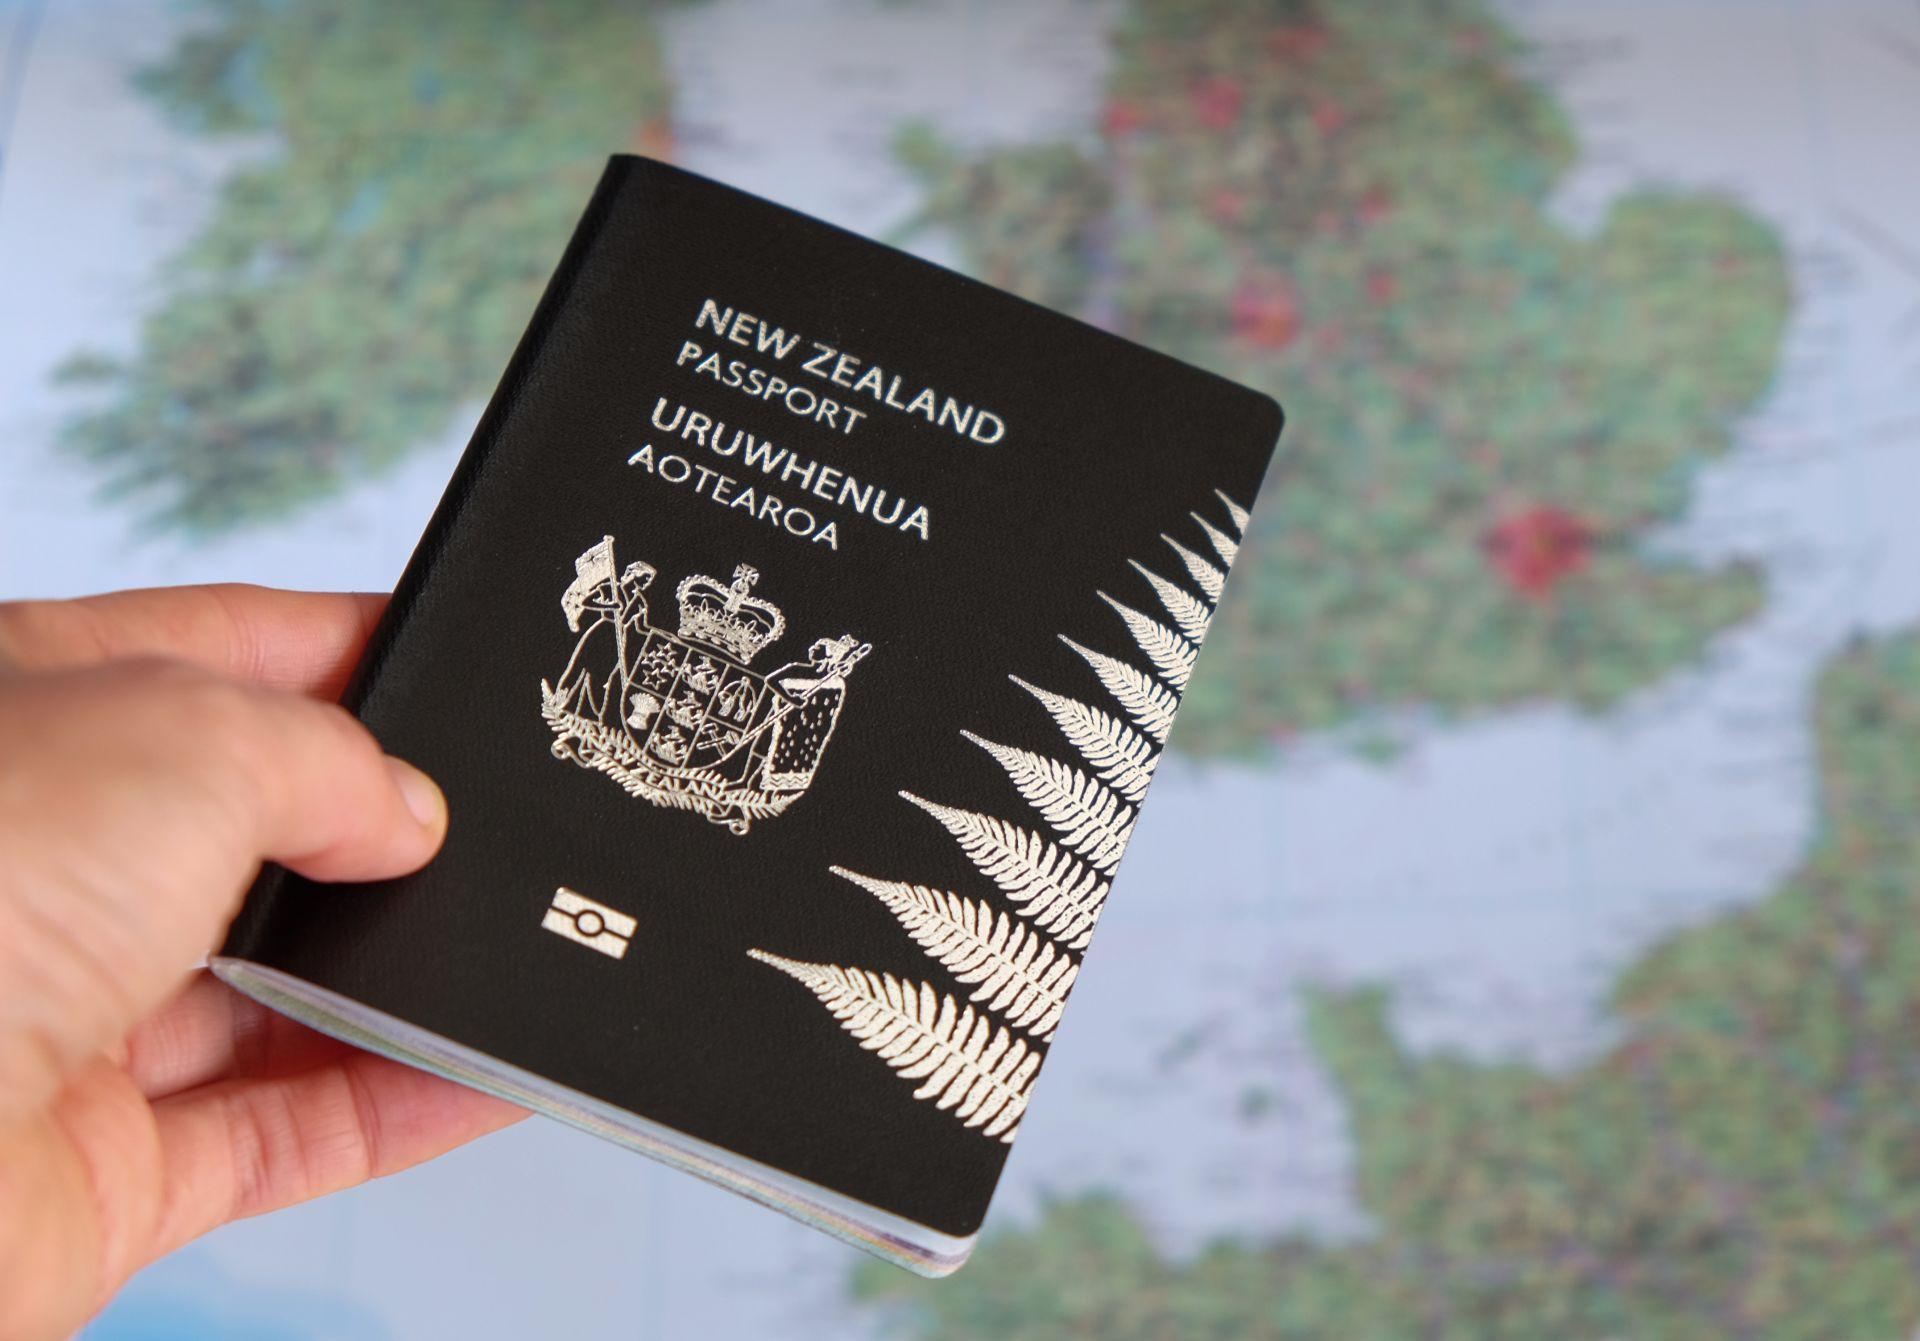 Pas nového zélandu